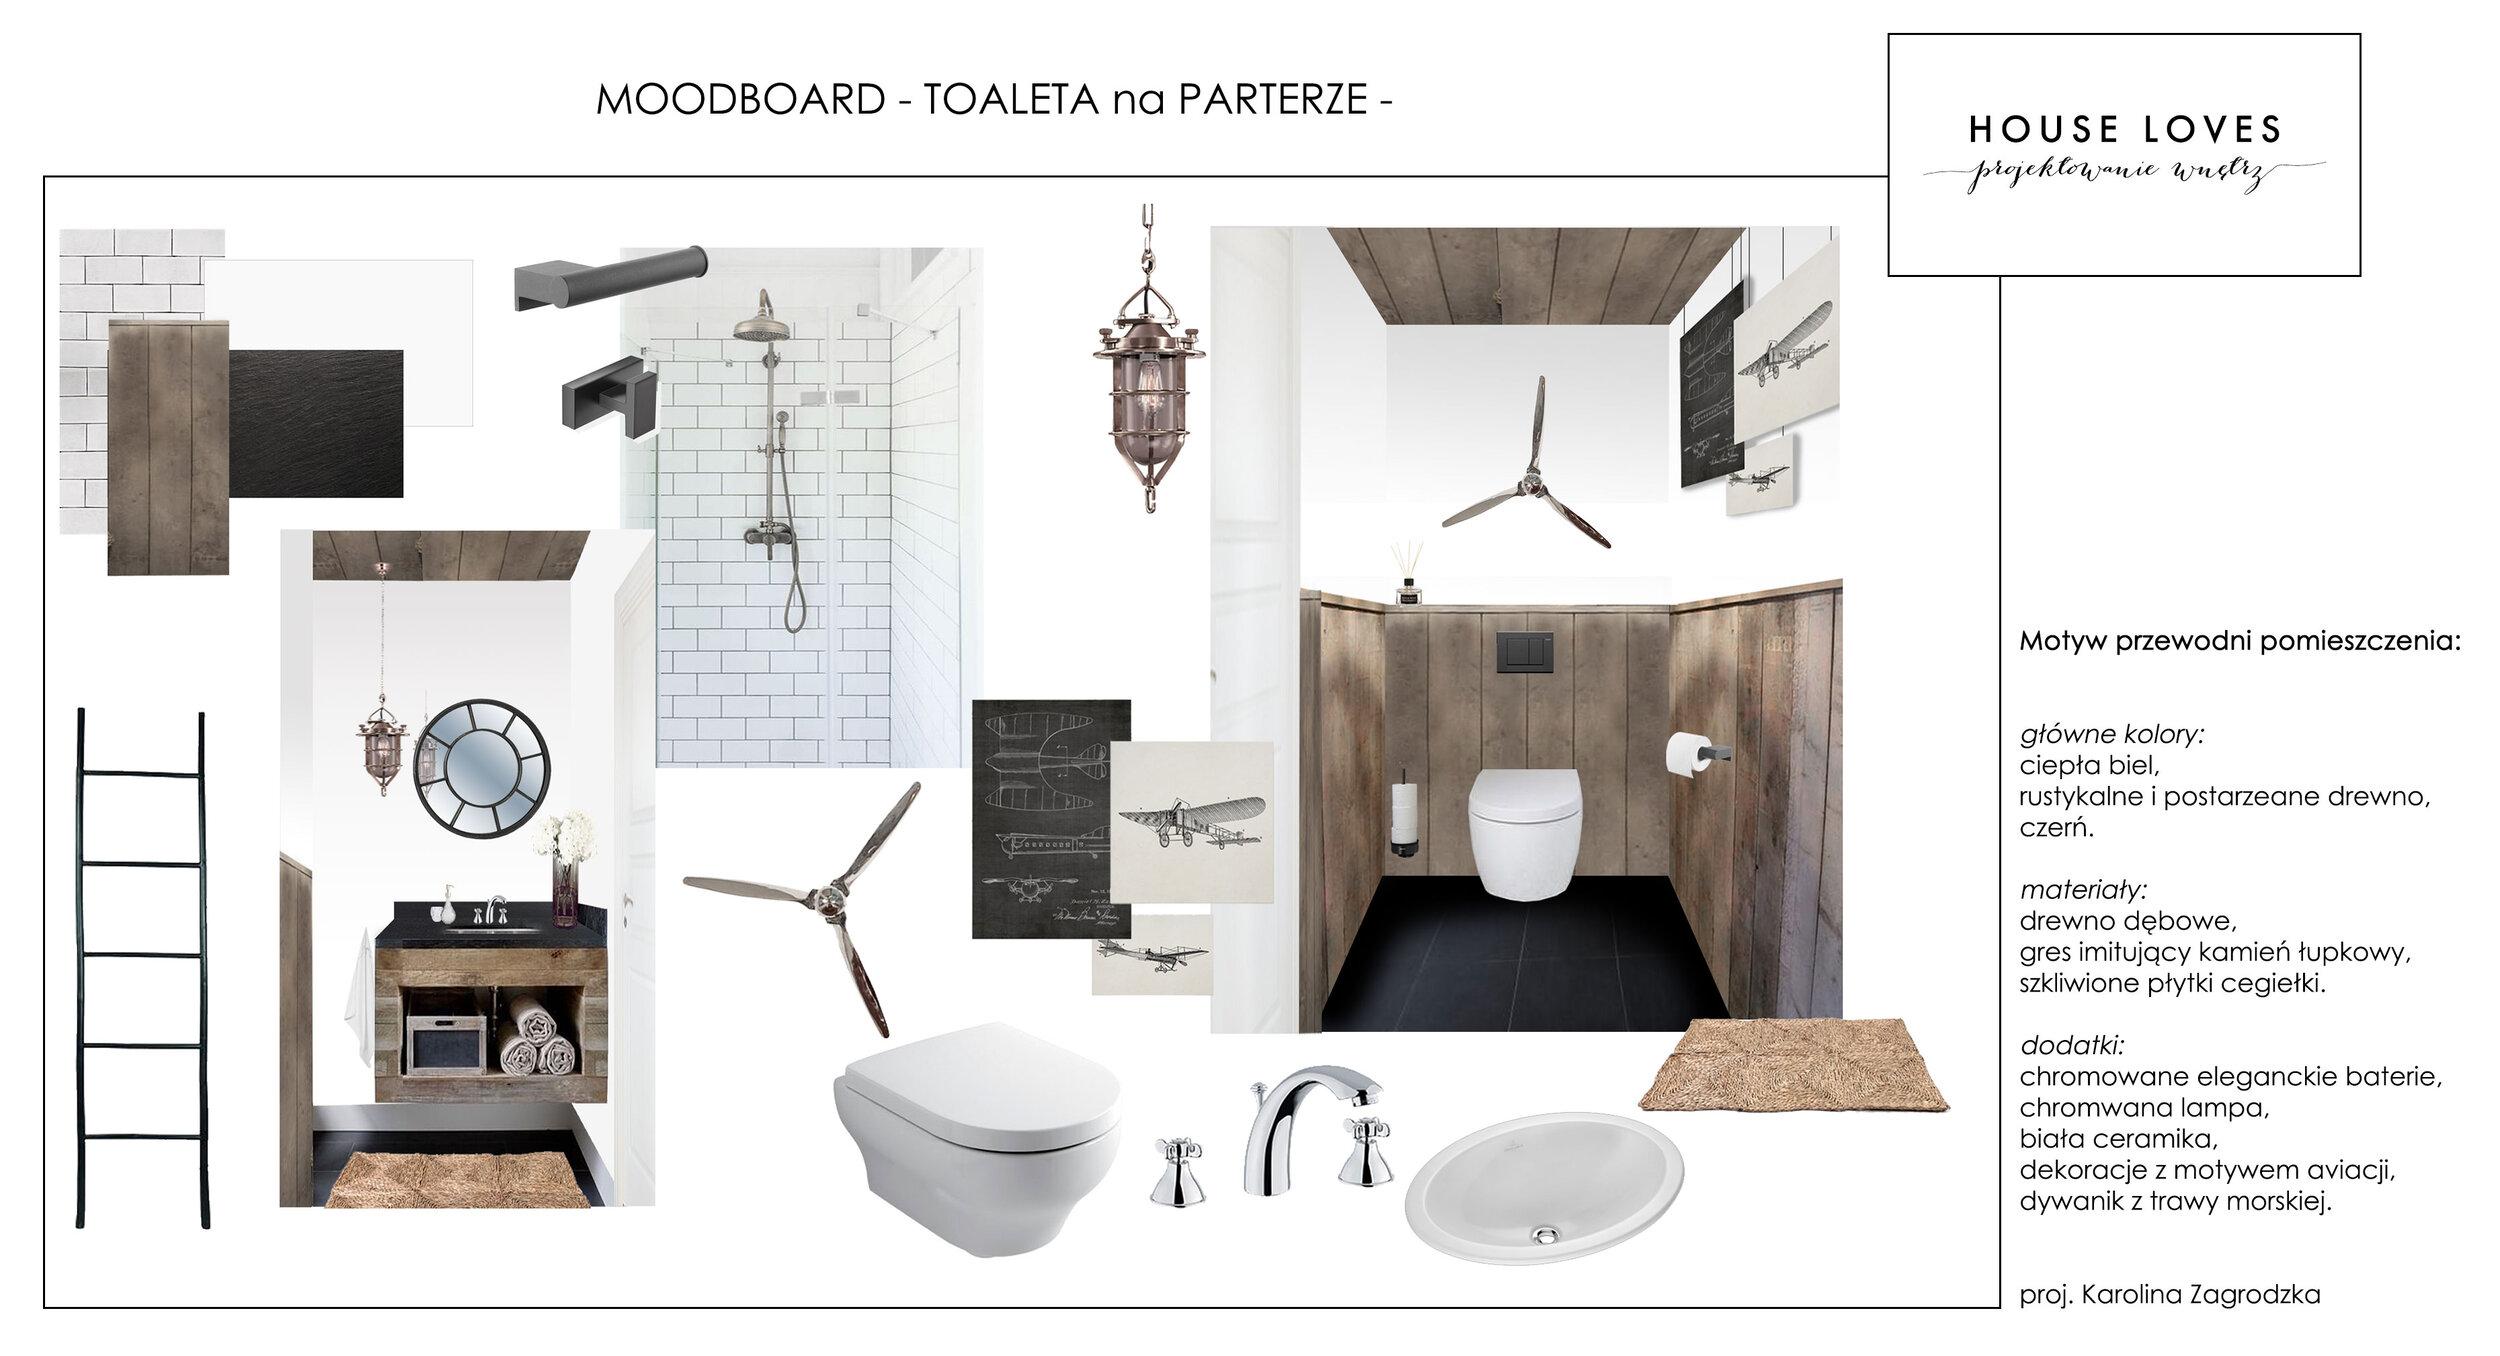 projekt-DIM-RIVIERA-mała-łazienka-moodboard.jpg